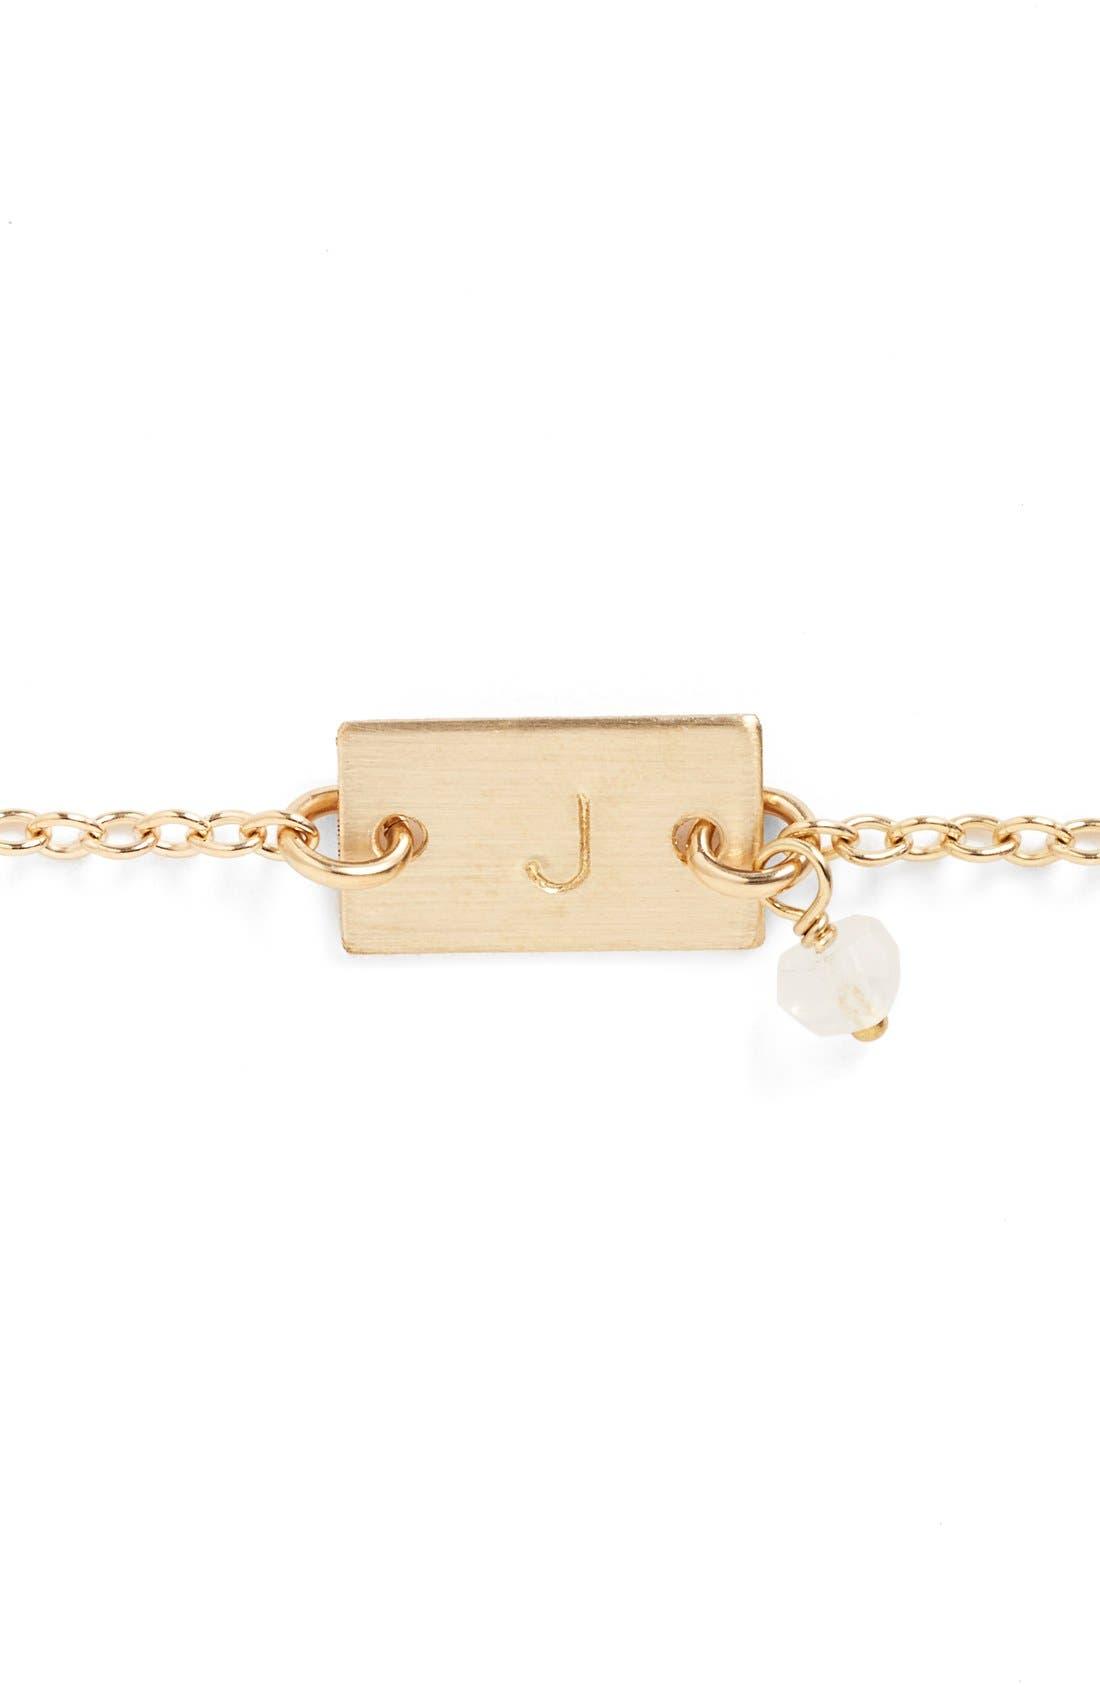 Shaka Initial 14k-Gold Fill Bar Bracelet,                             Alternate thumbnail 2, color,                             14K Gold Fill J